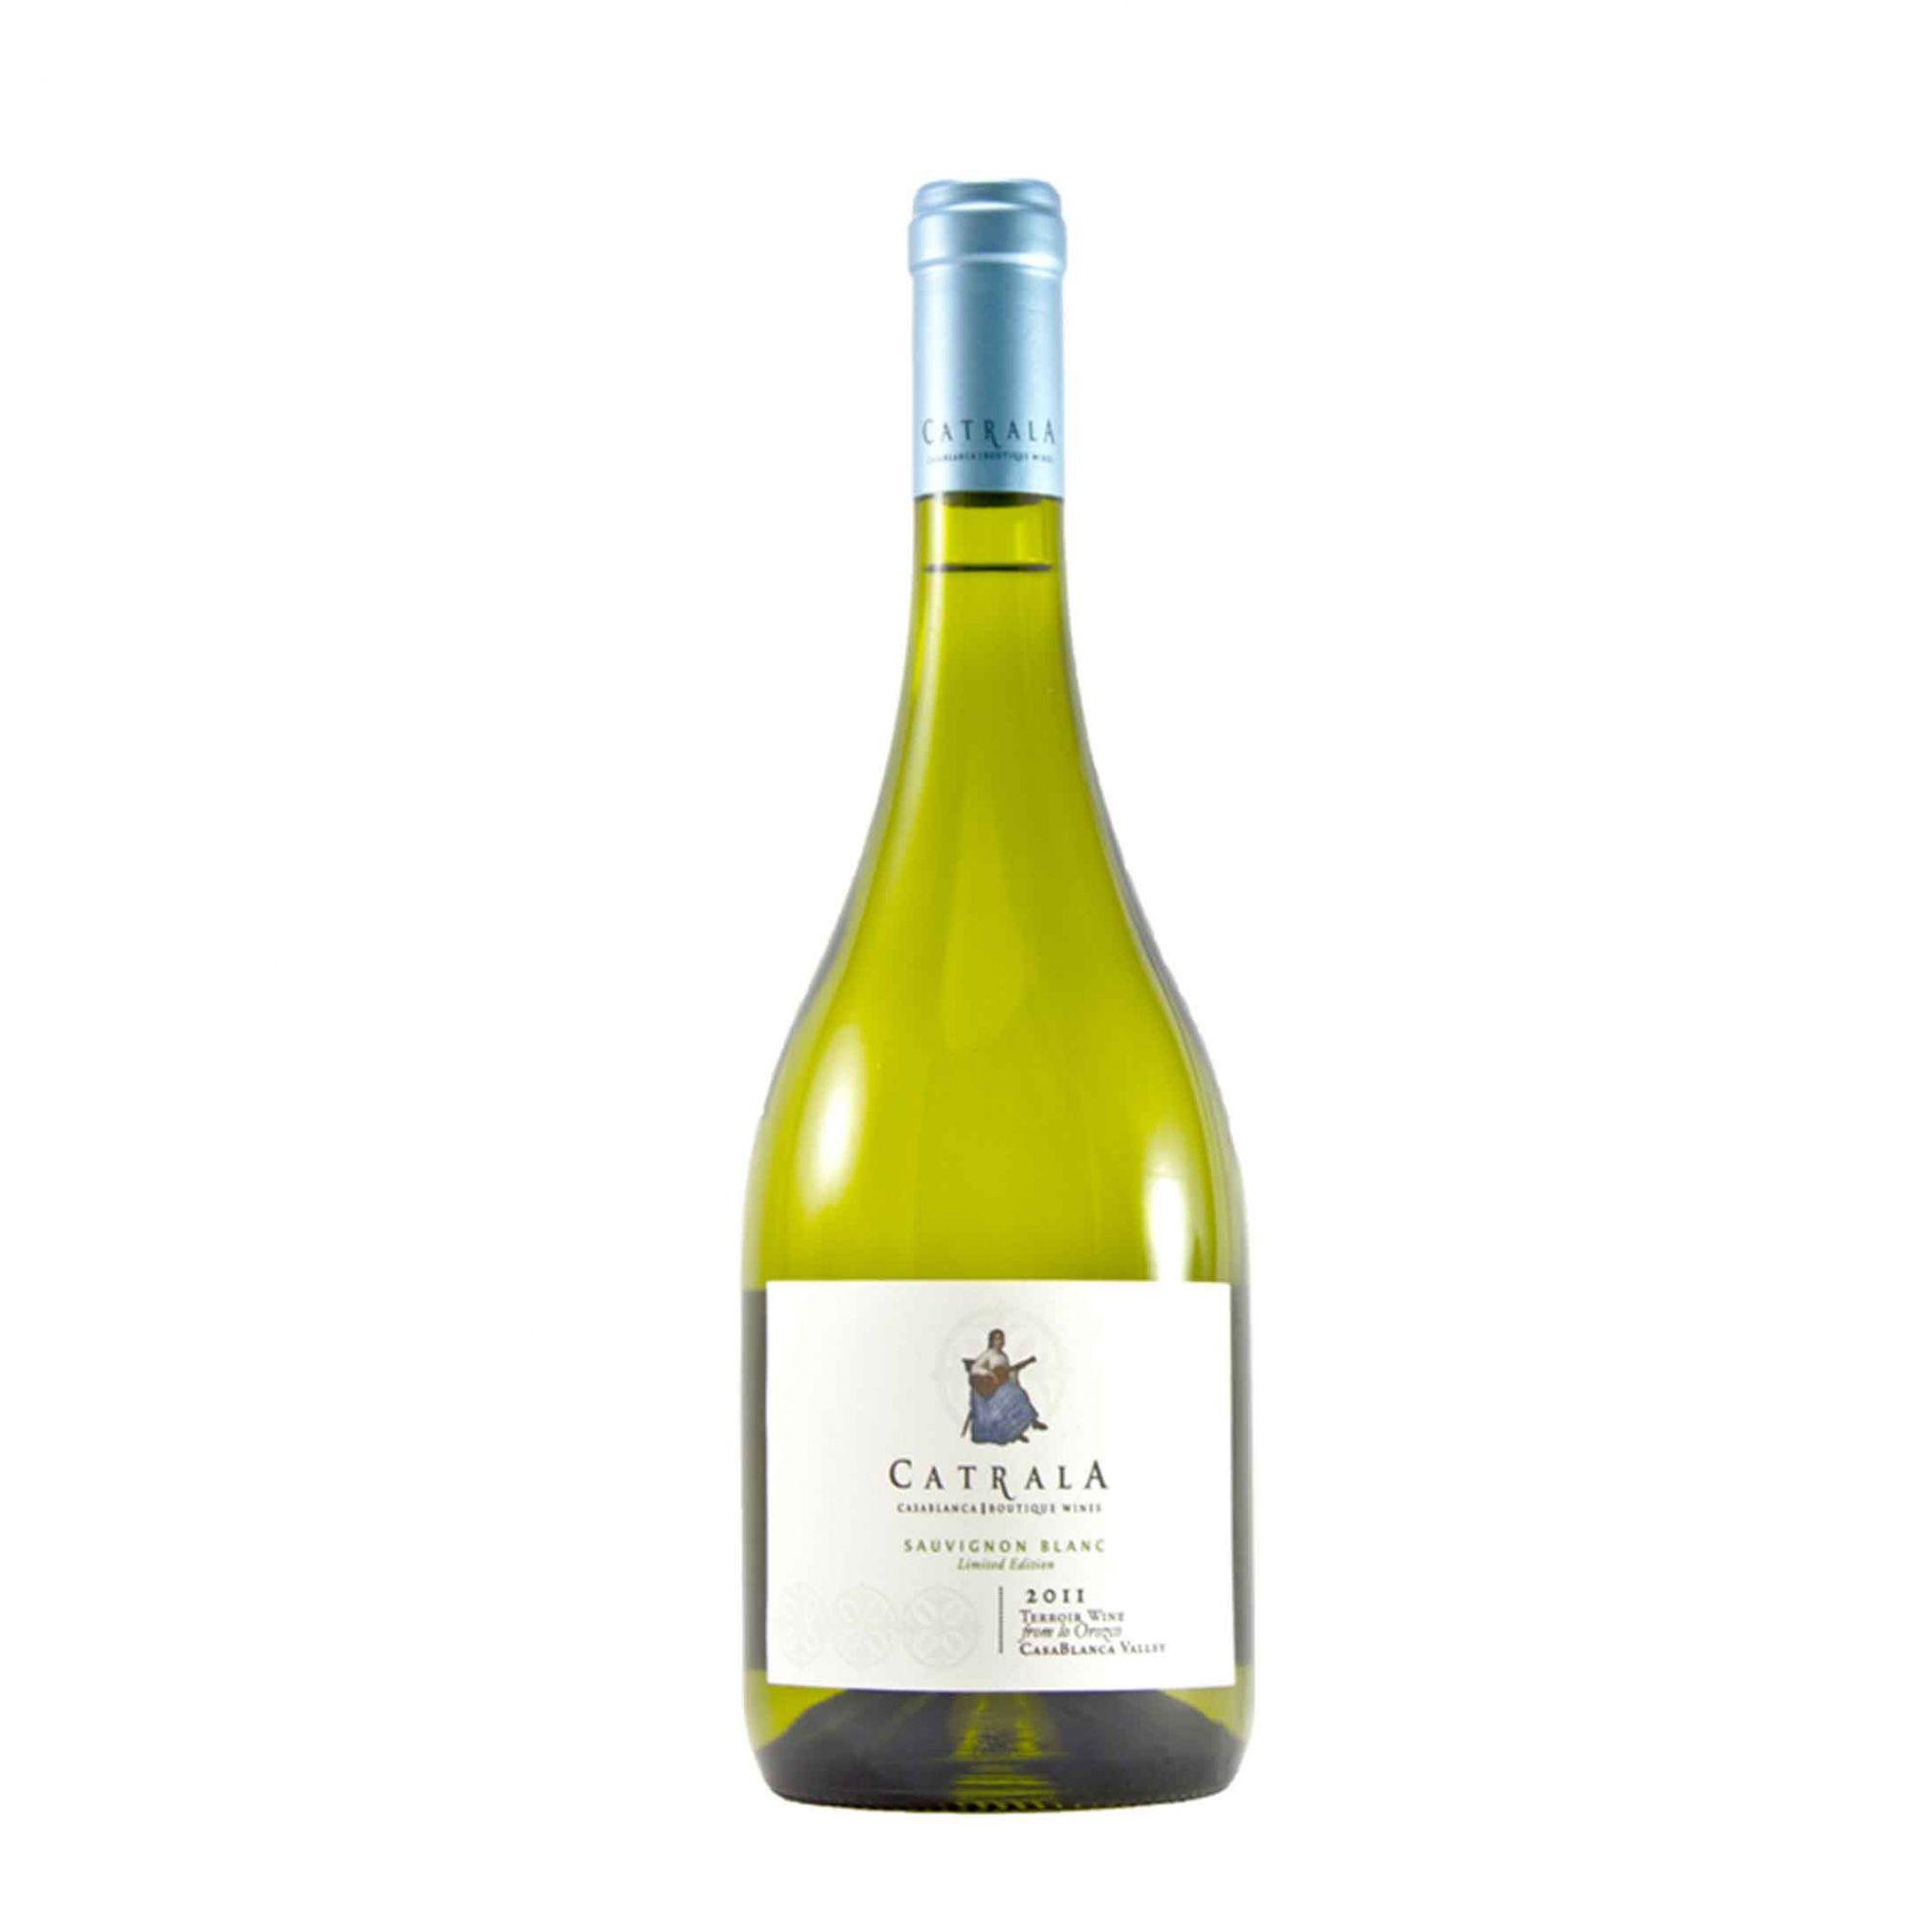 Catrala Limited Edition Sauvignon Blanc